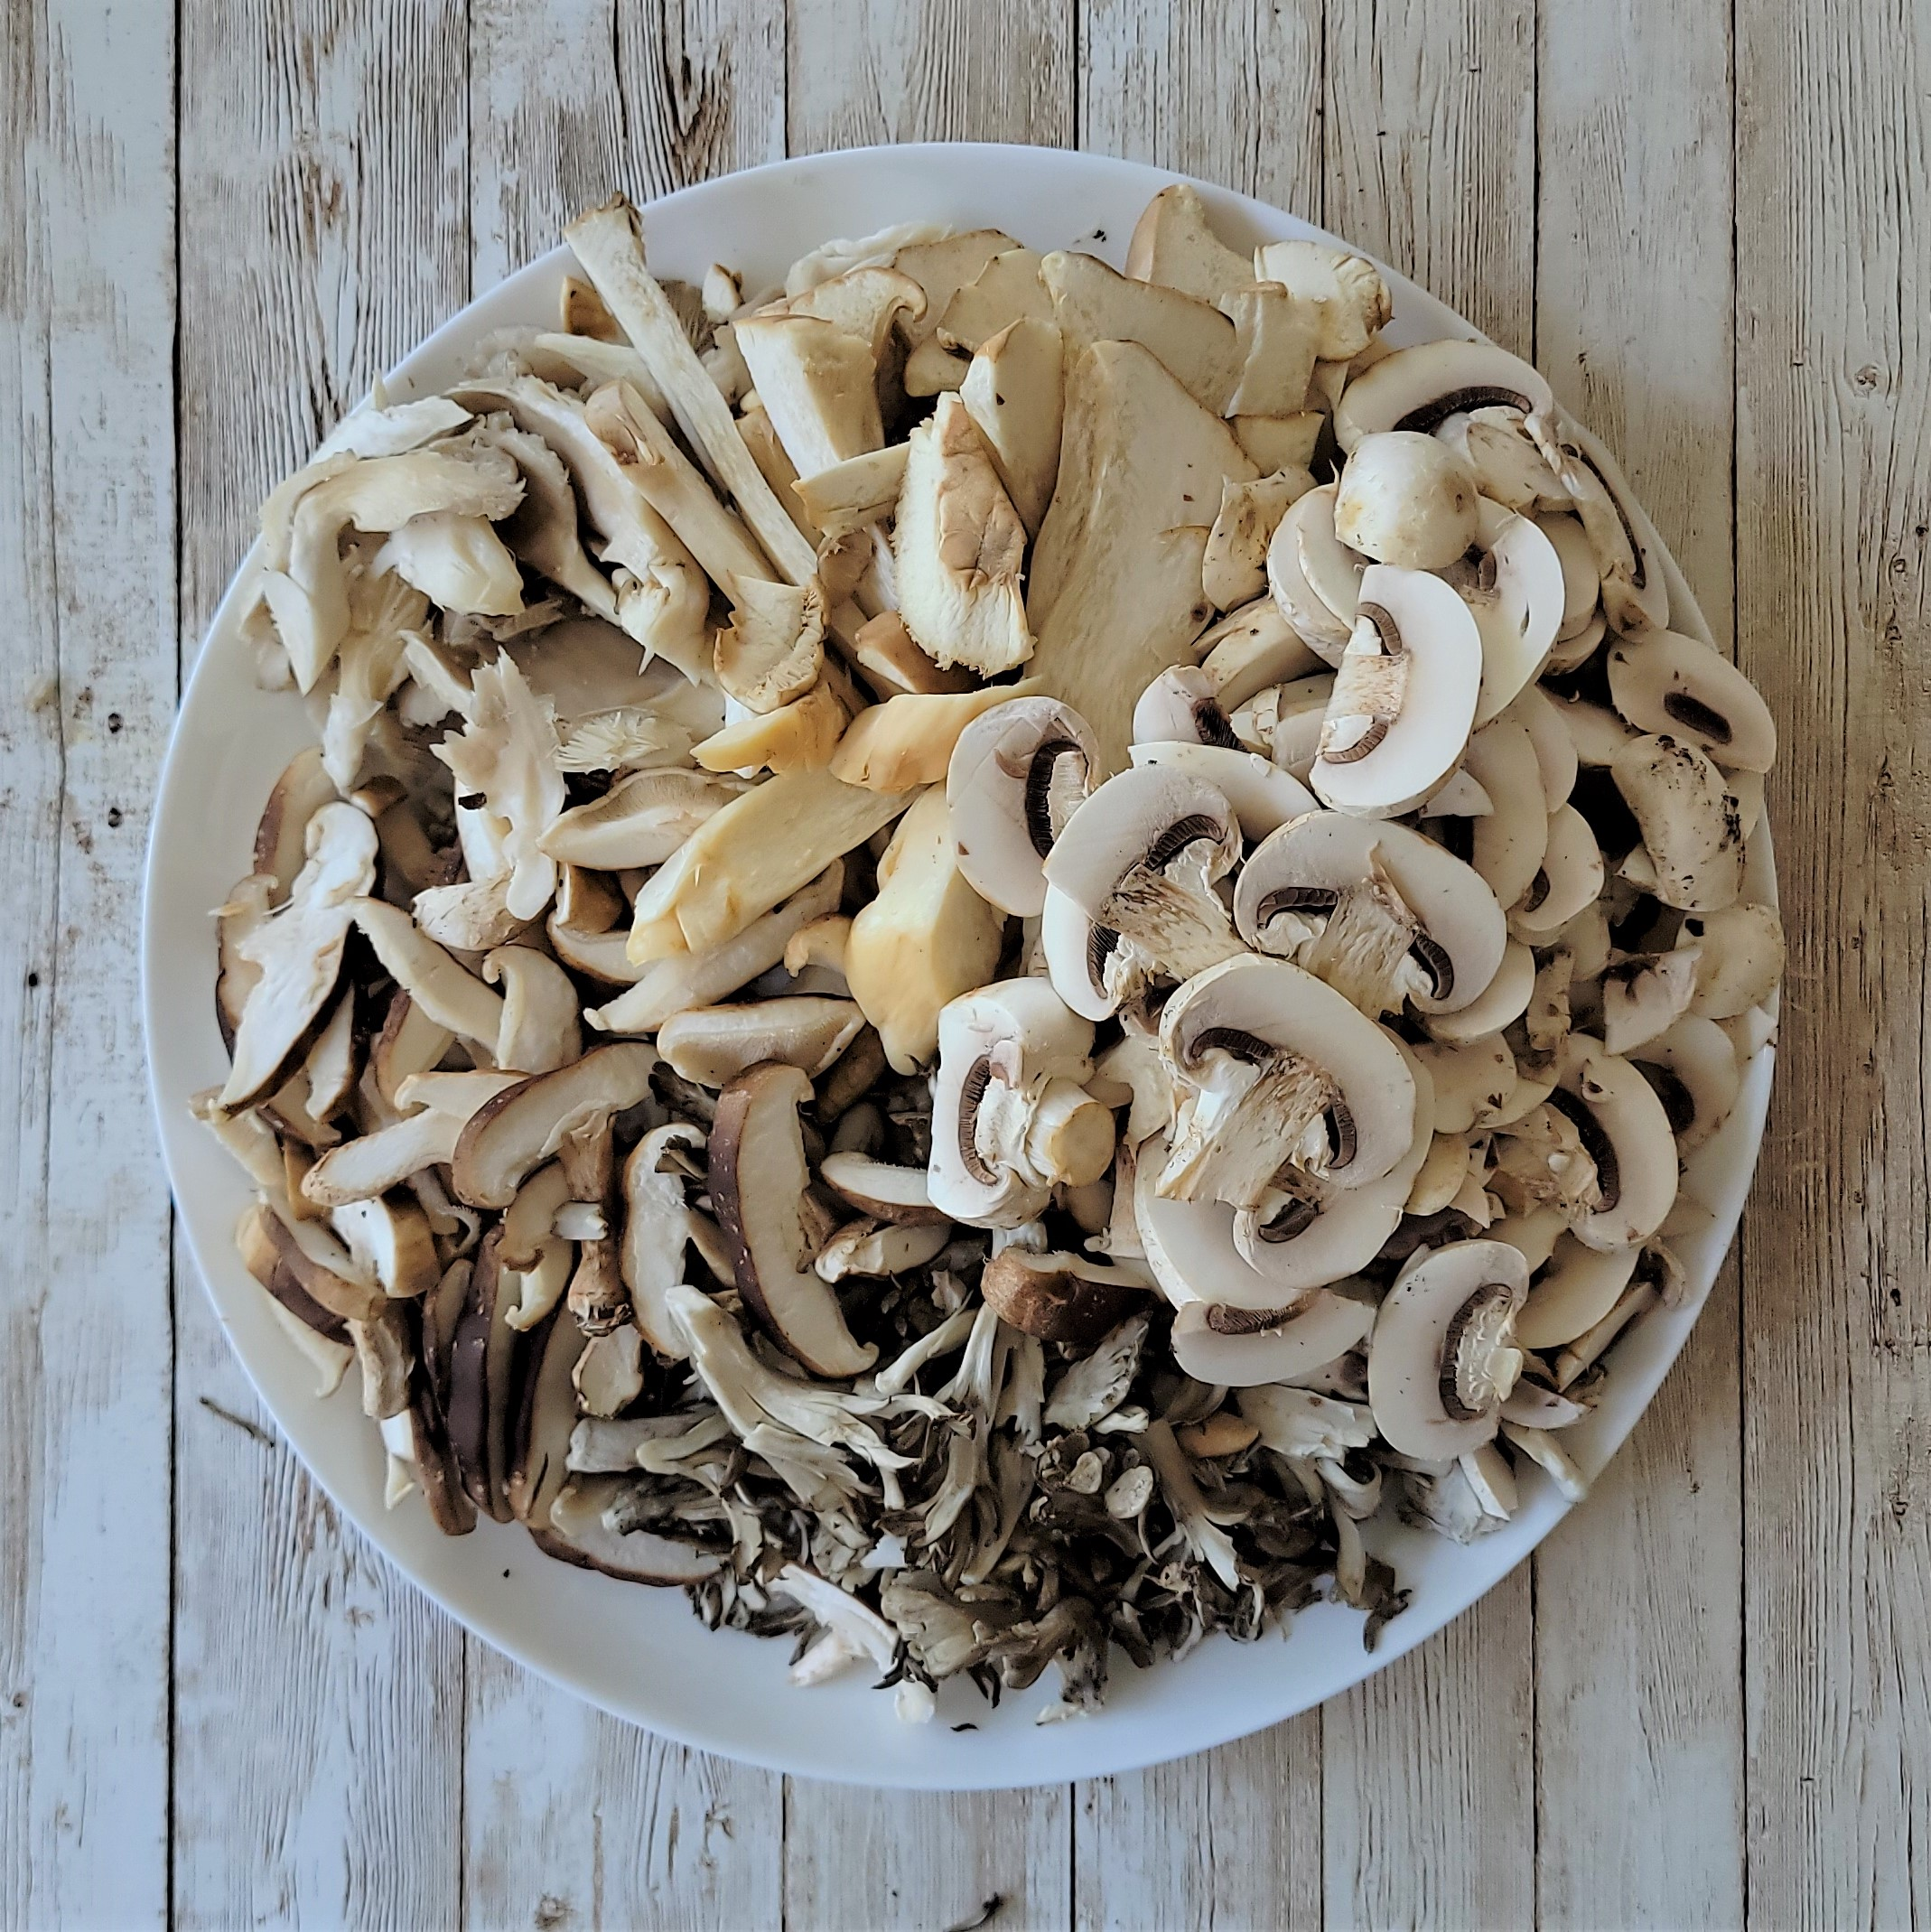 An assortment of mushrooms used in my Exotic Mushroom Ramen recipe.